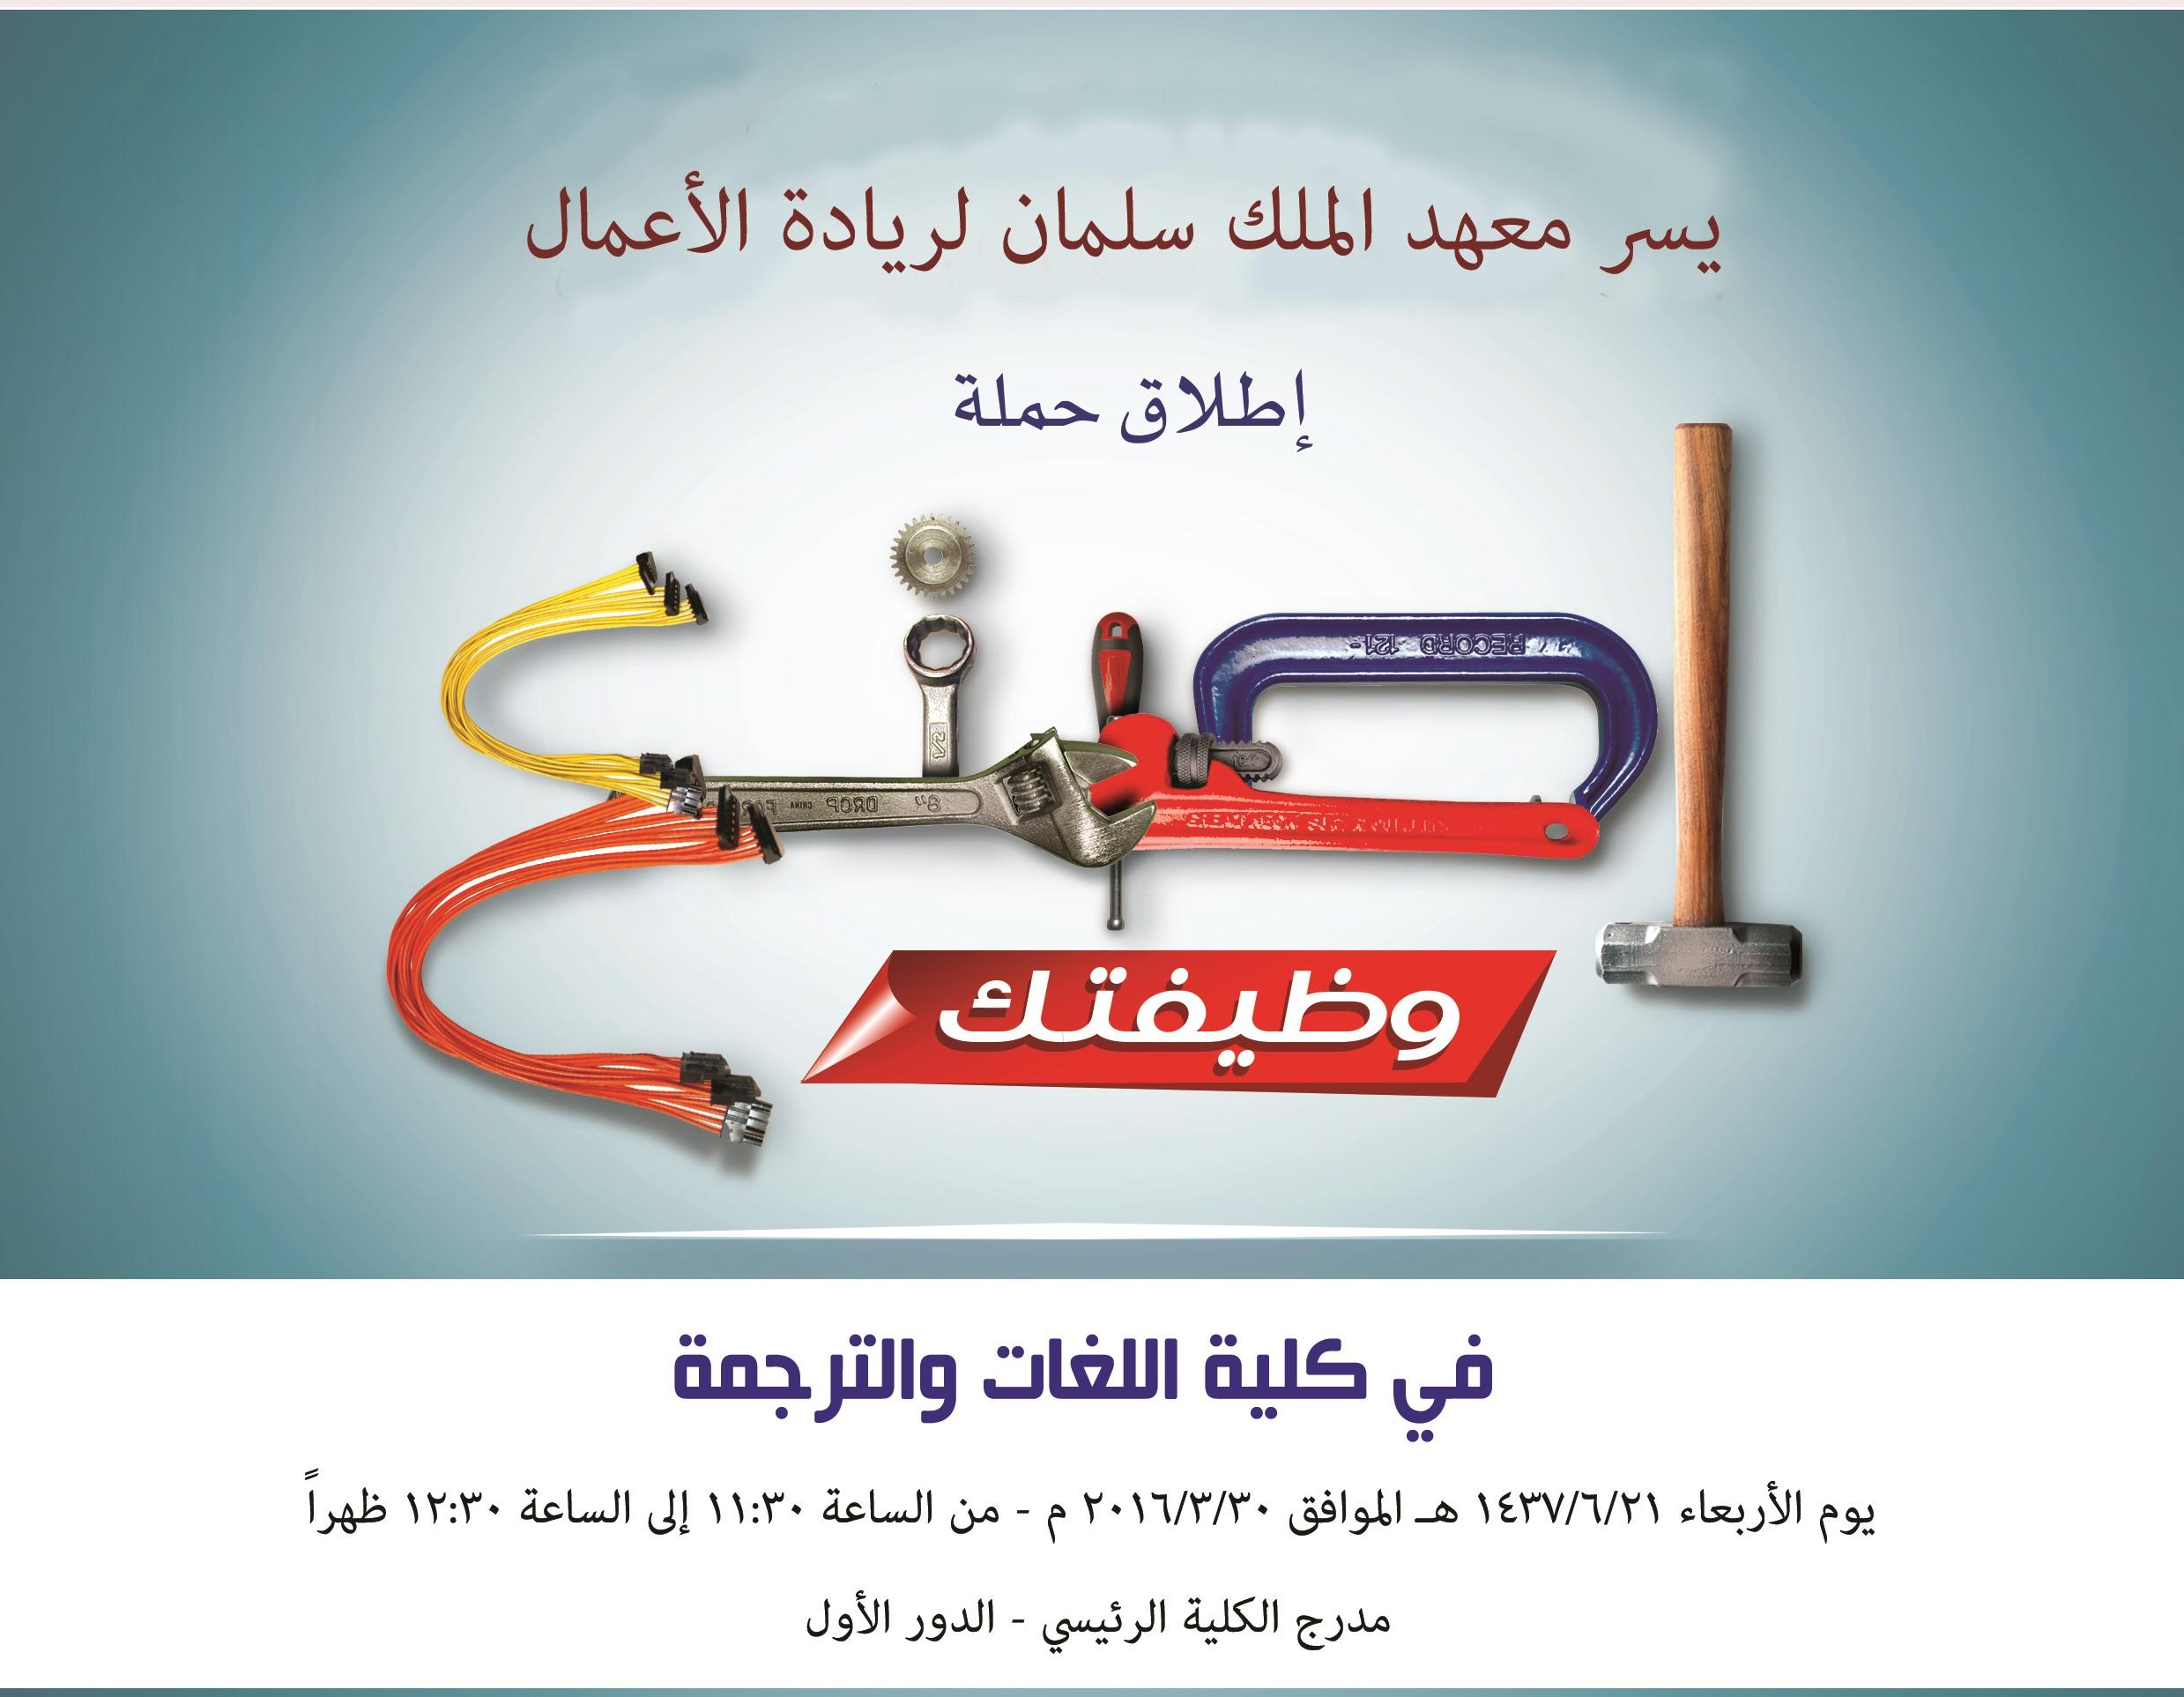 حملة إصنع وظيفتك في كلية اللغات والترجمة - تقديم أ. مدحت ممدوح أحمد :: مستشار ريادة الأعمال